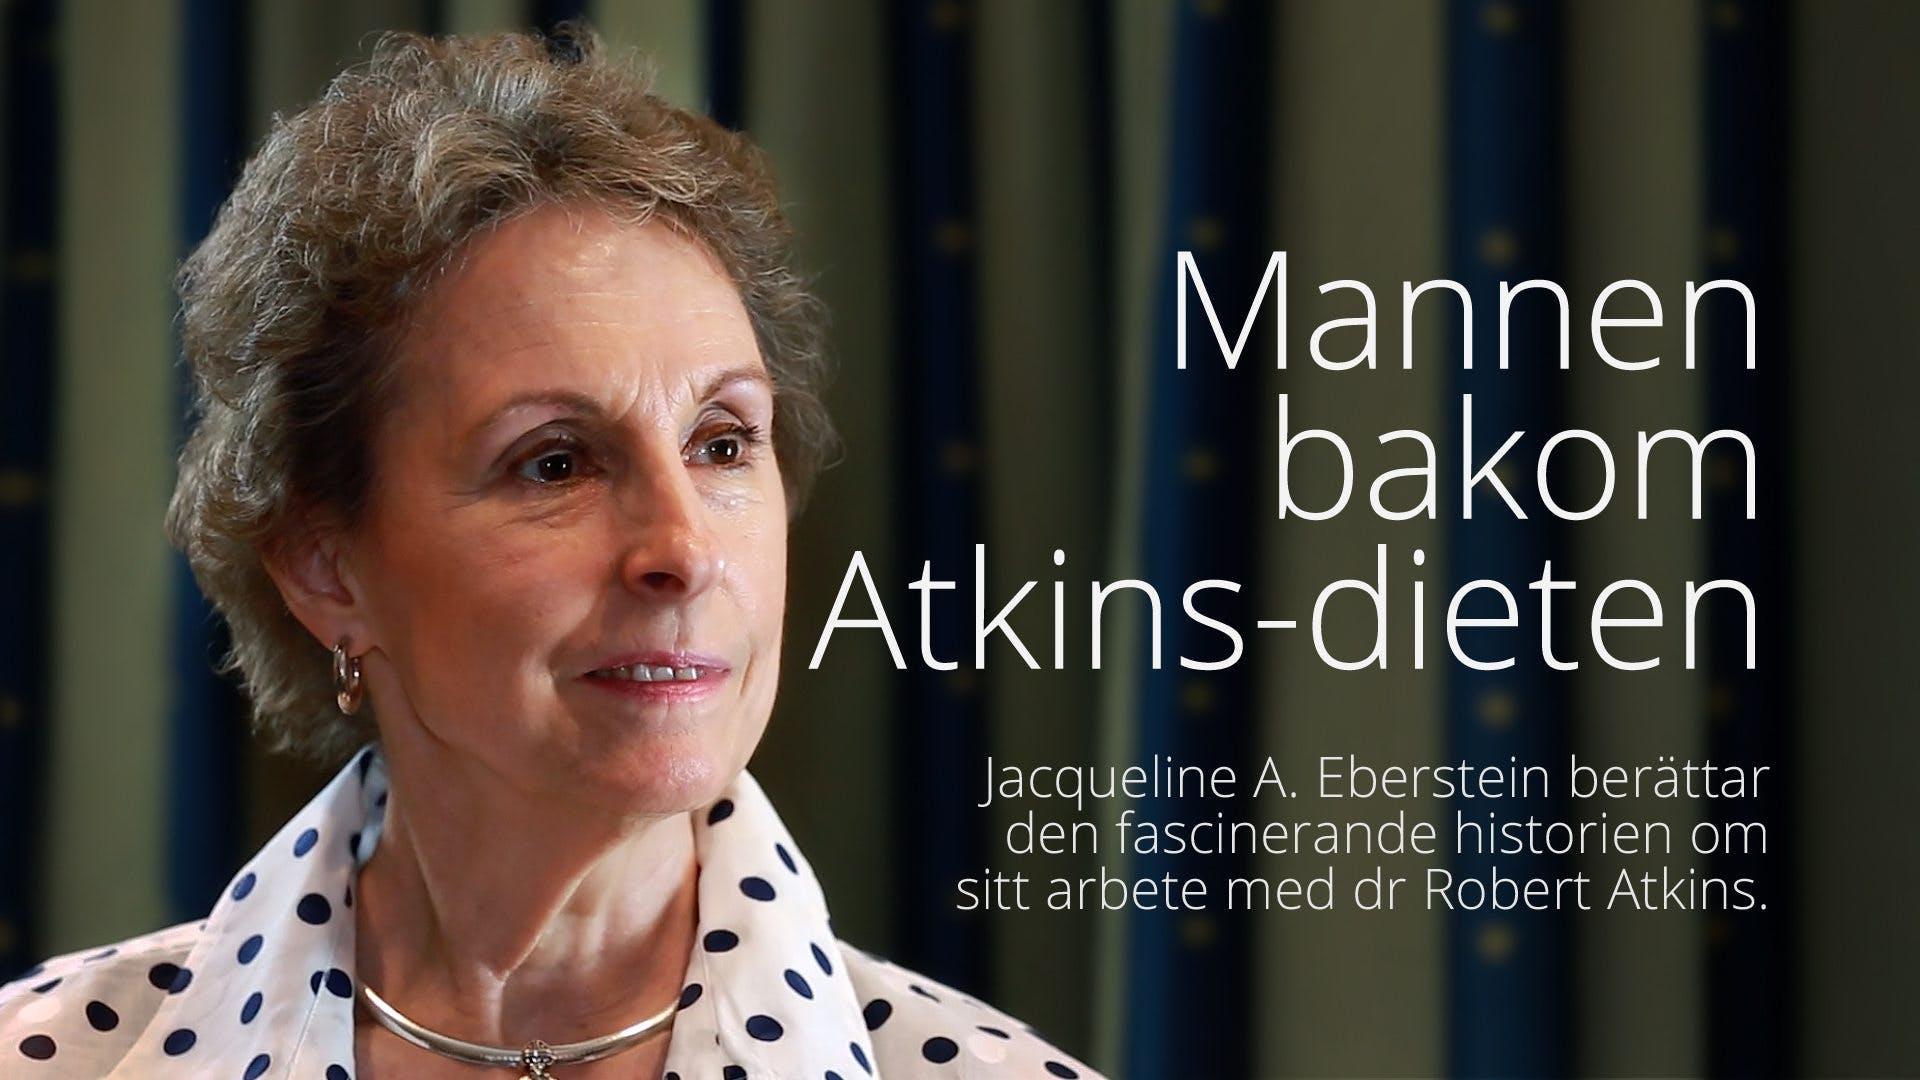 Mannen bakom Atkins Diet - Jackie Eberstein (1080p)